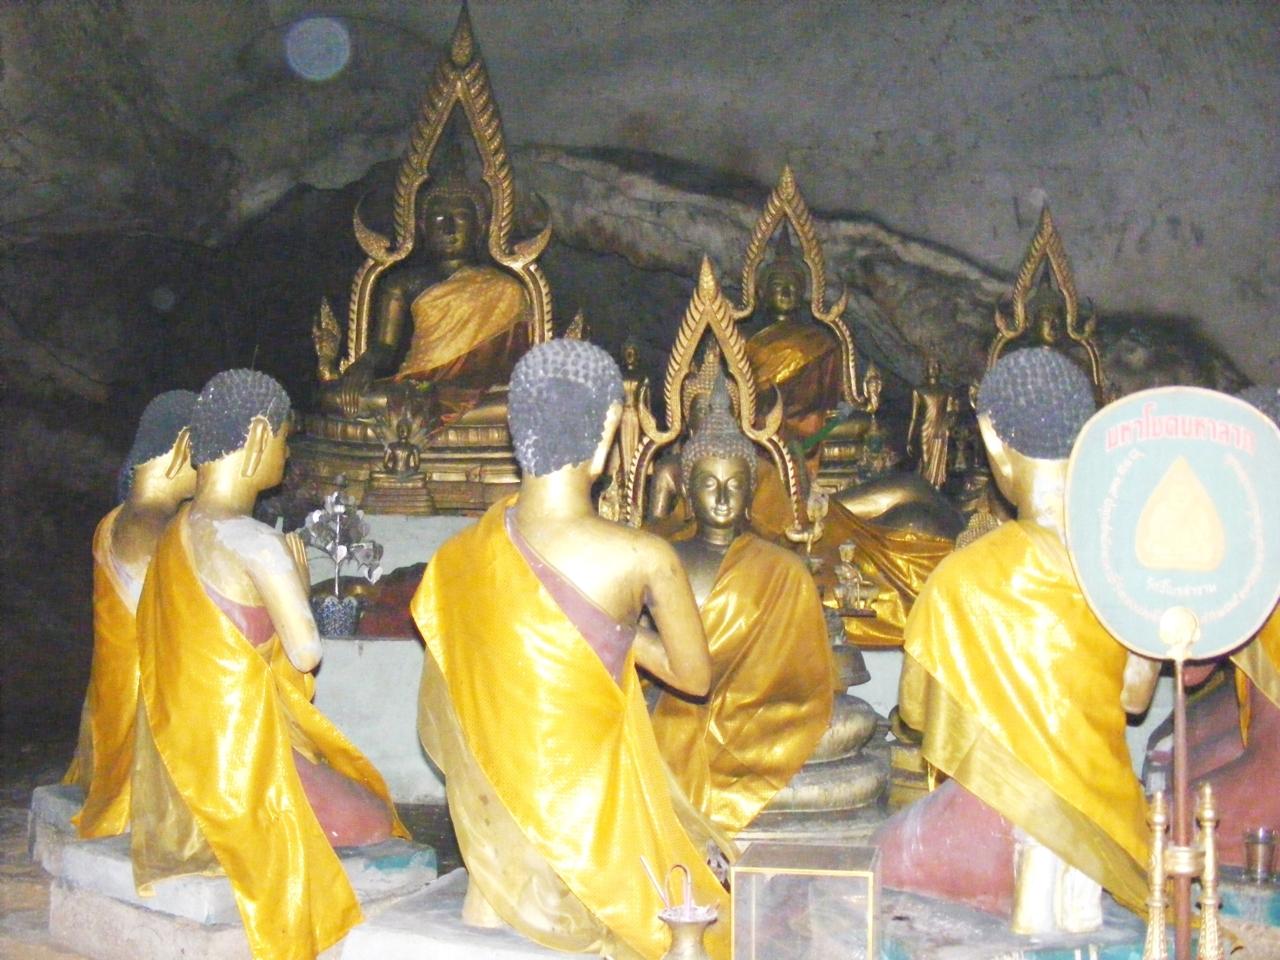 DSCF3412พระประธานในถ้ำประทุน